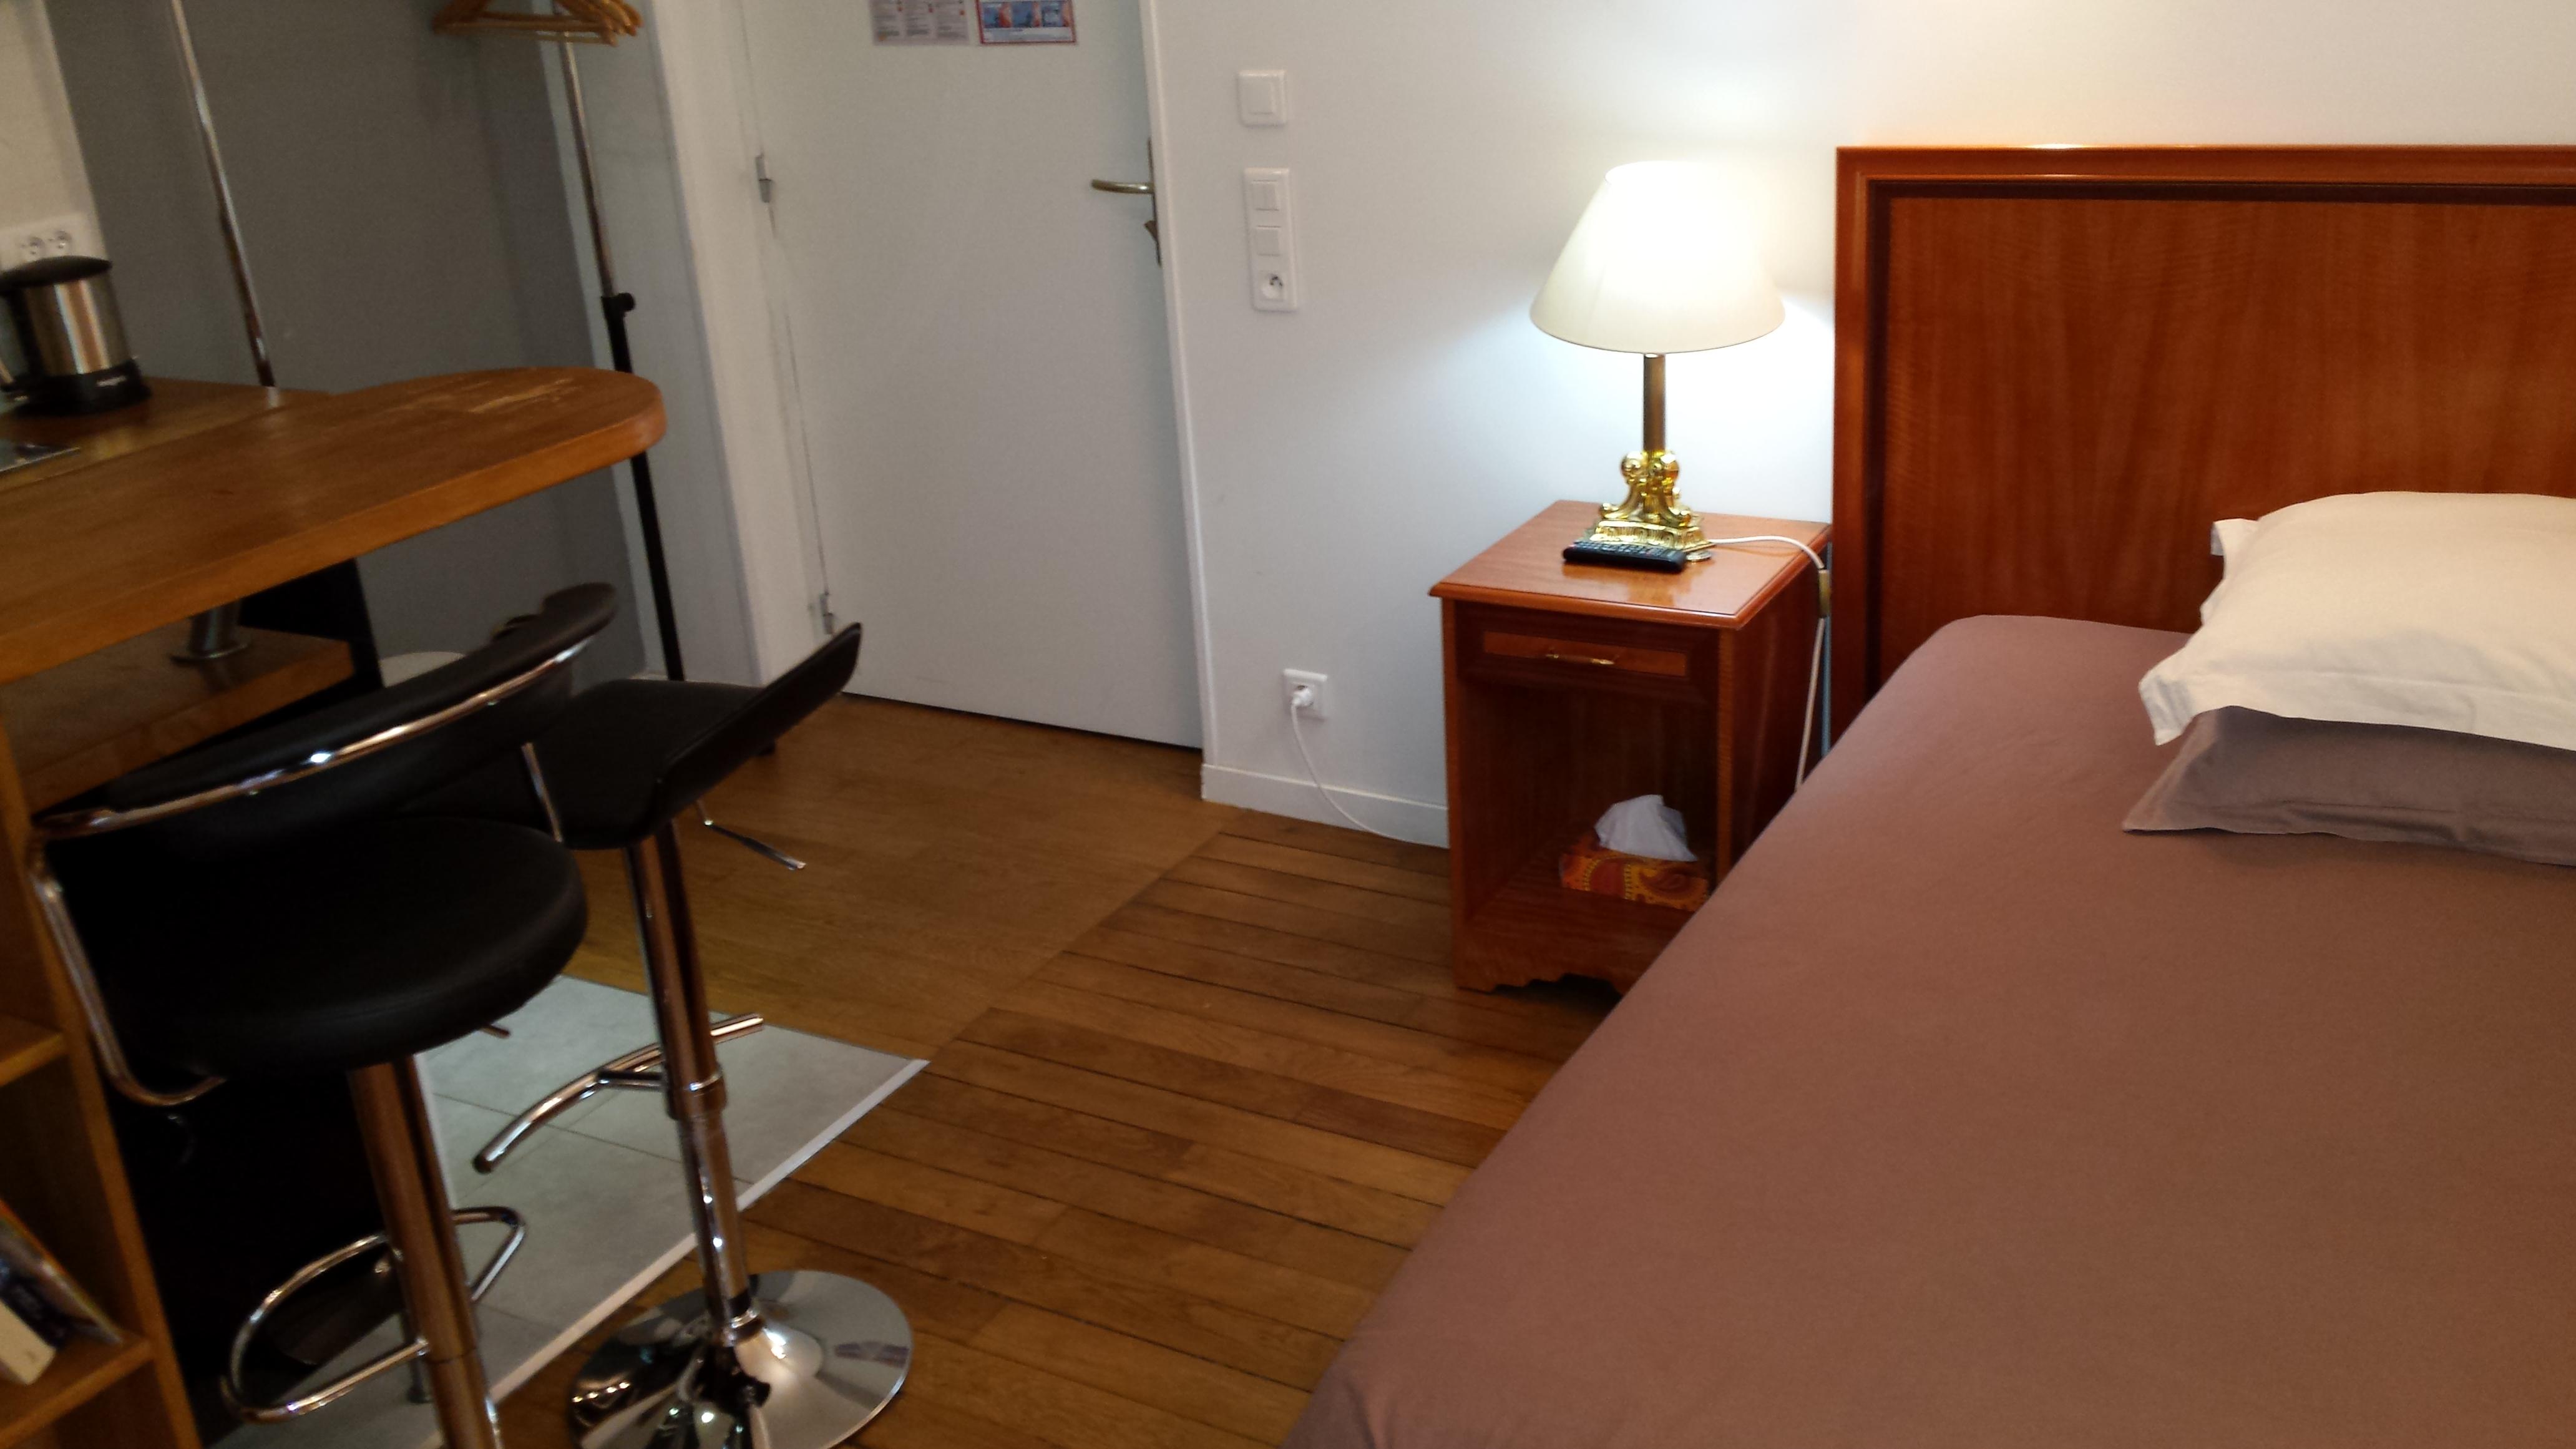 100 meubles pour studio pas cher cuisine meuble for Atelier cuisine paris pas cher